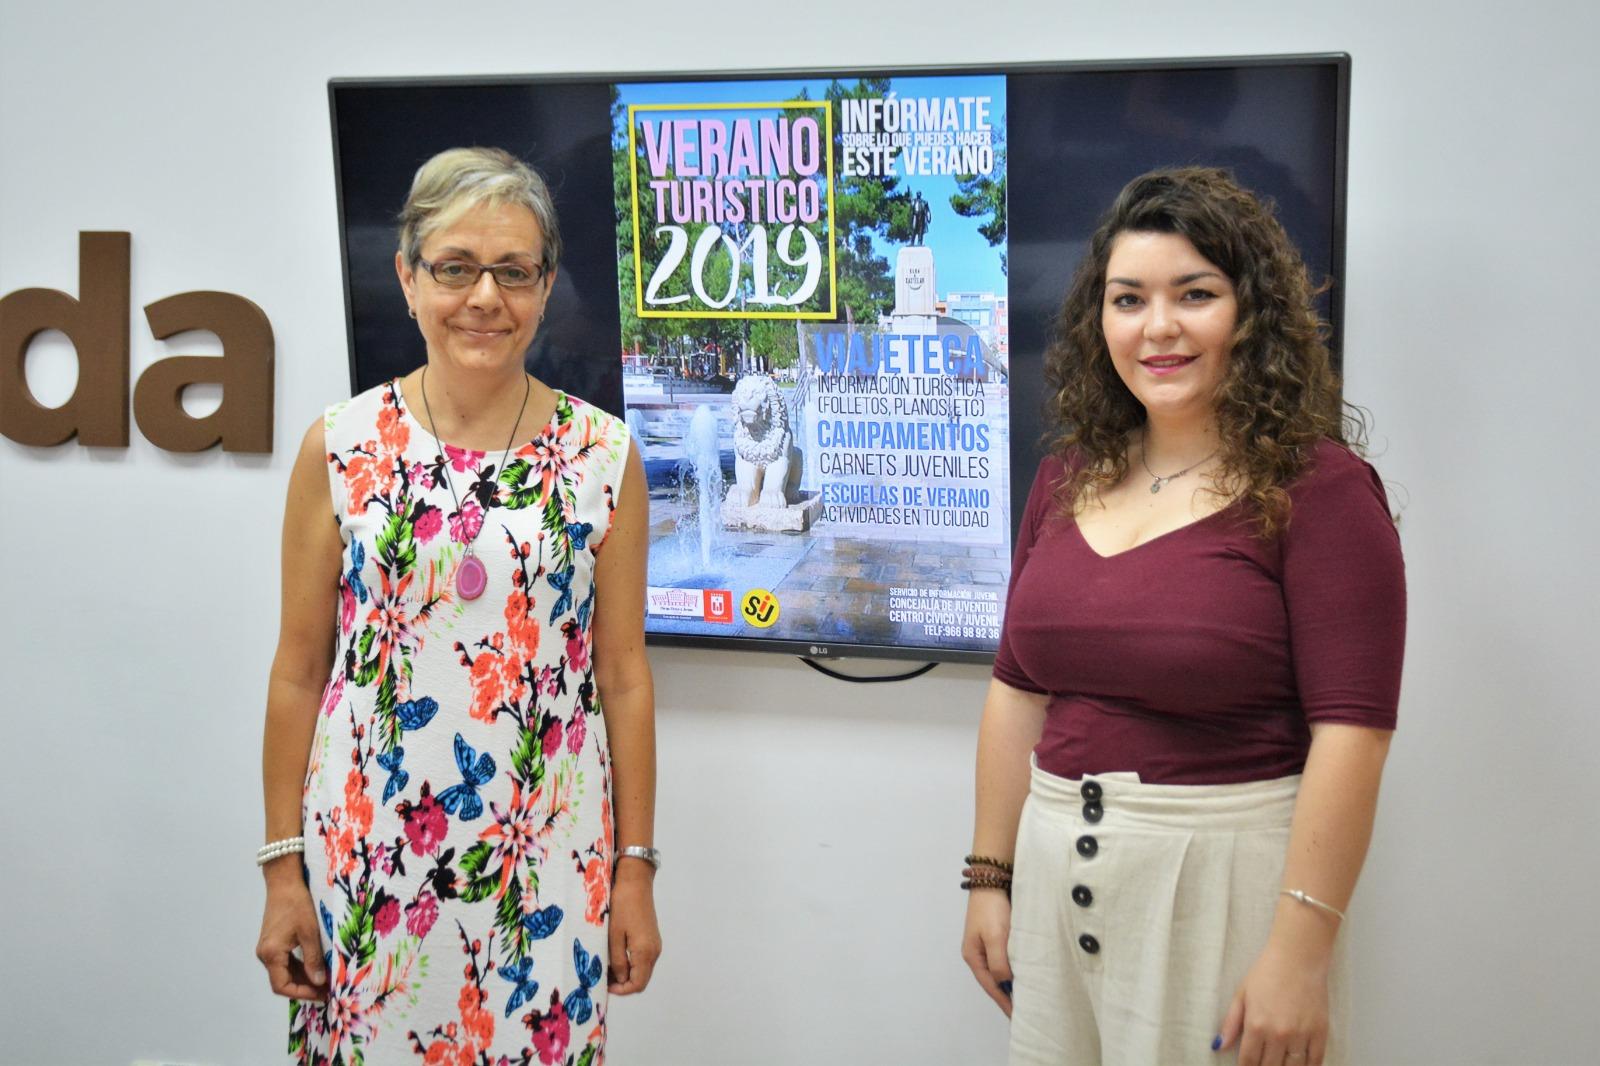 El Ayuntamiento de Elda presenta la campaña 'Verano turístico' con actividades para los jóvenes